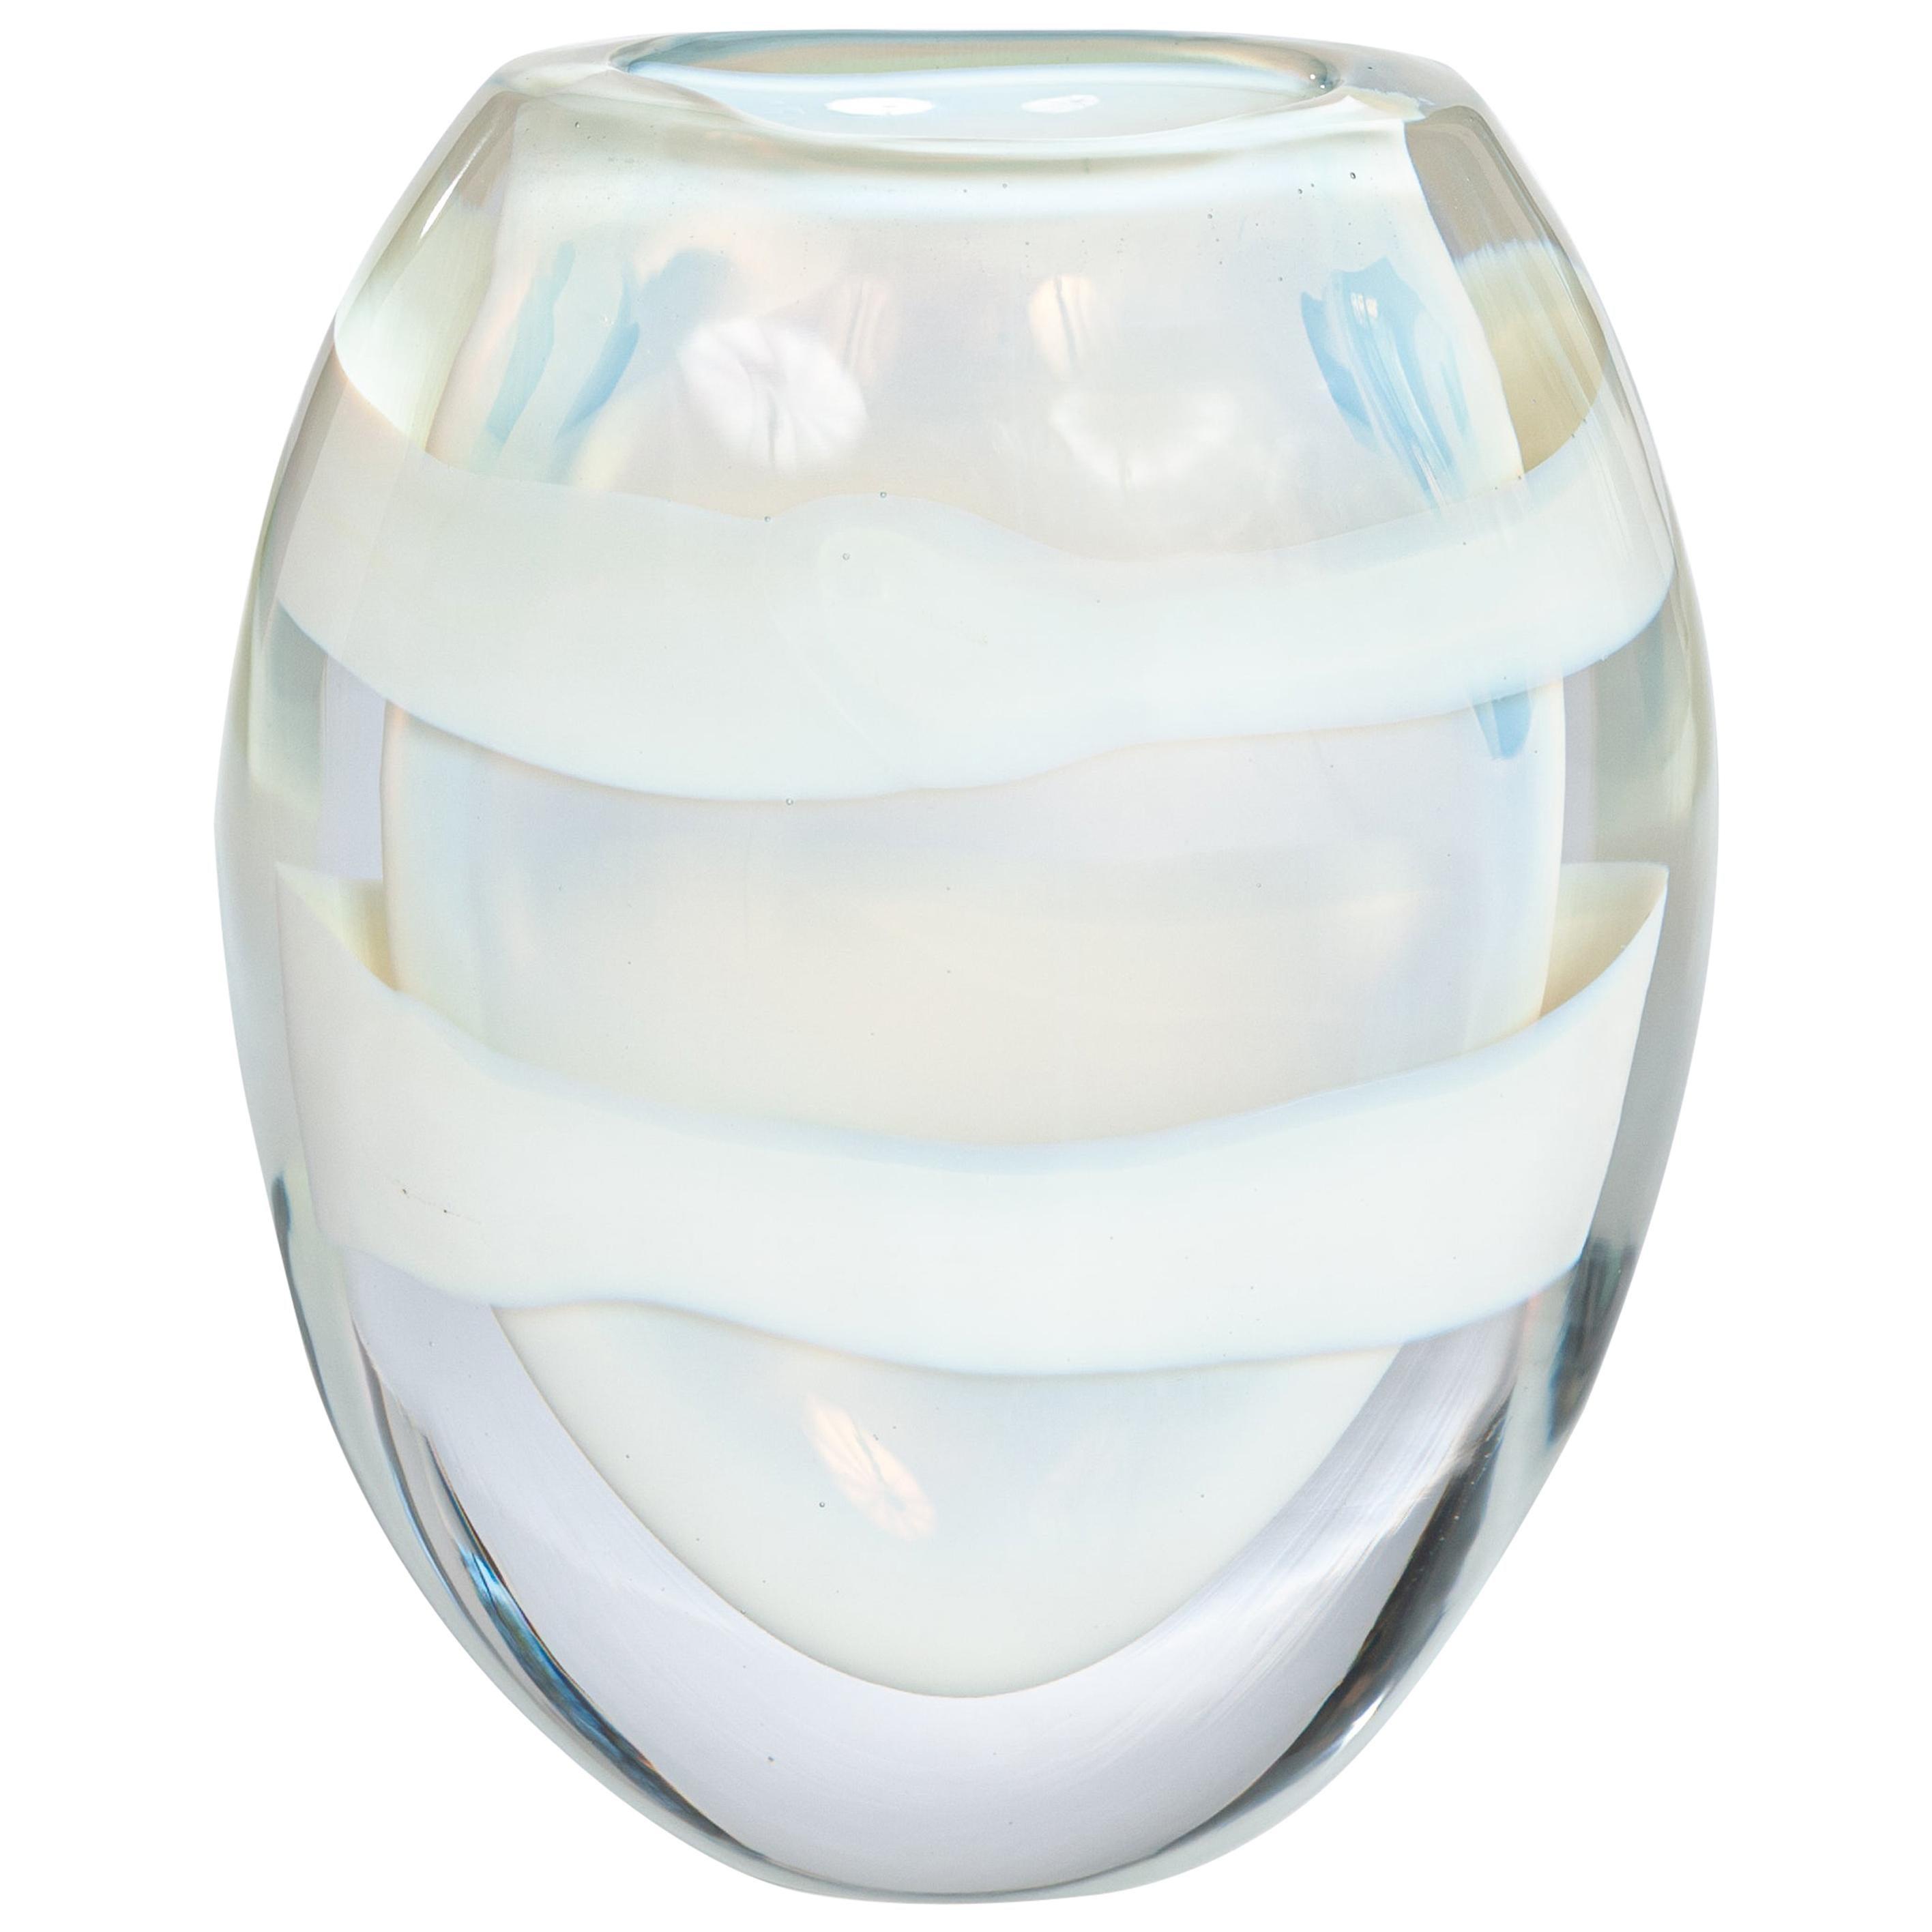 Italian Heavy Opalescent Murano Glass Vase Sign by P. Signoretto